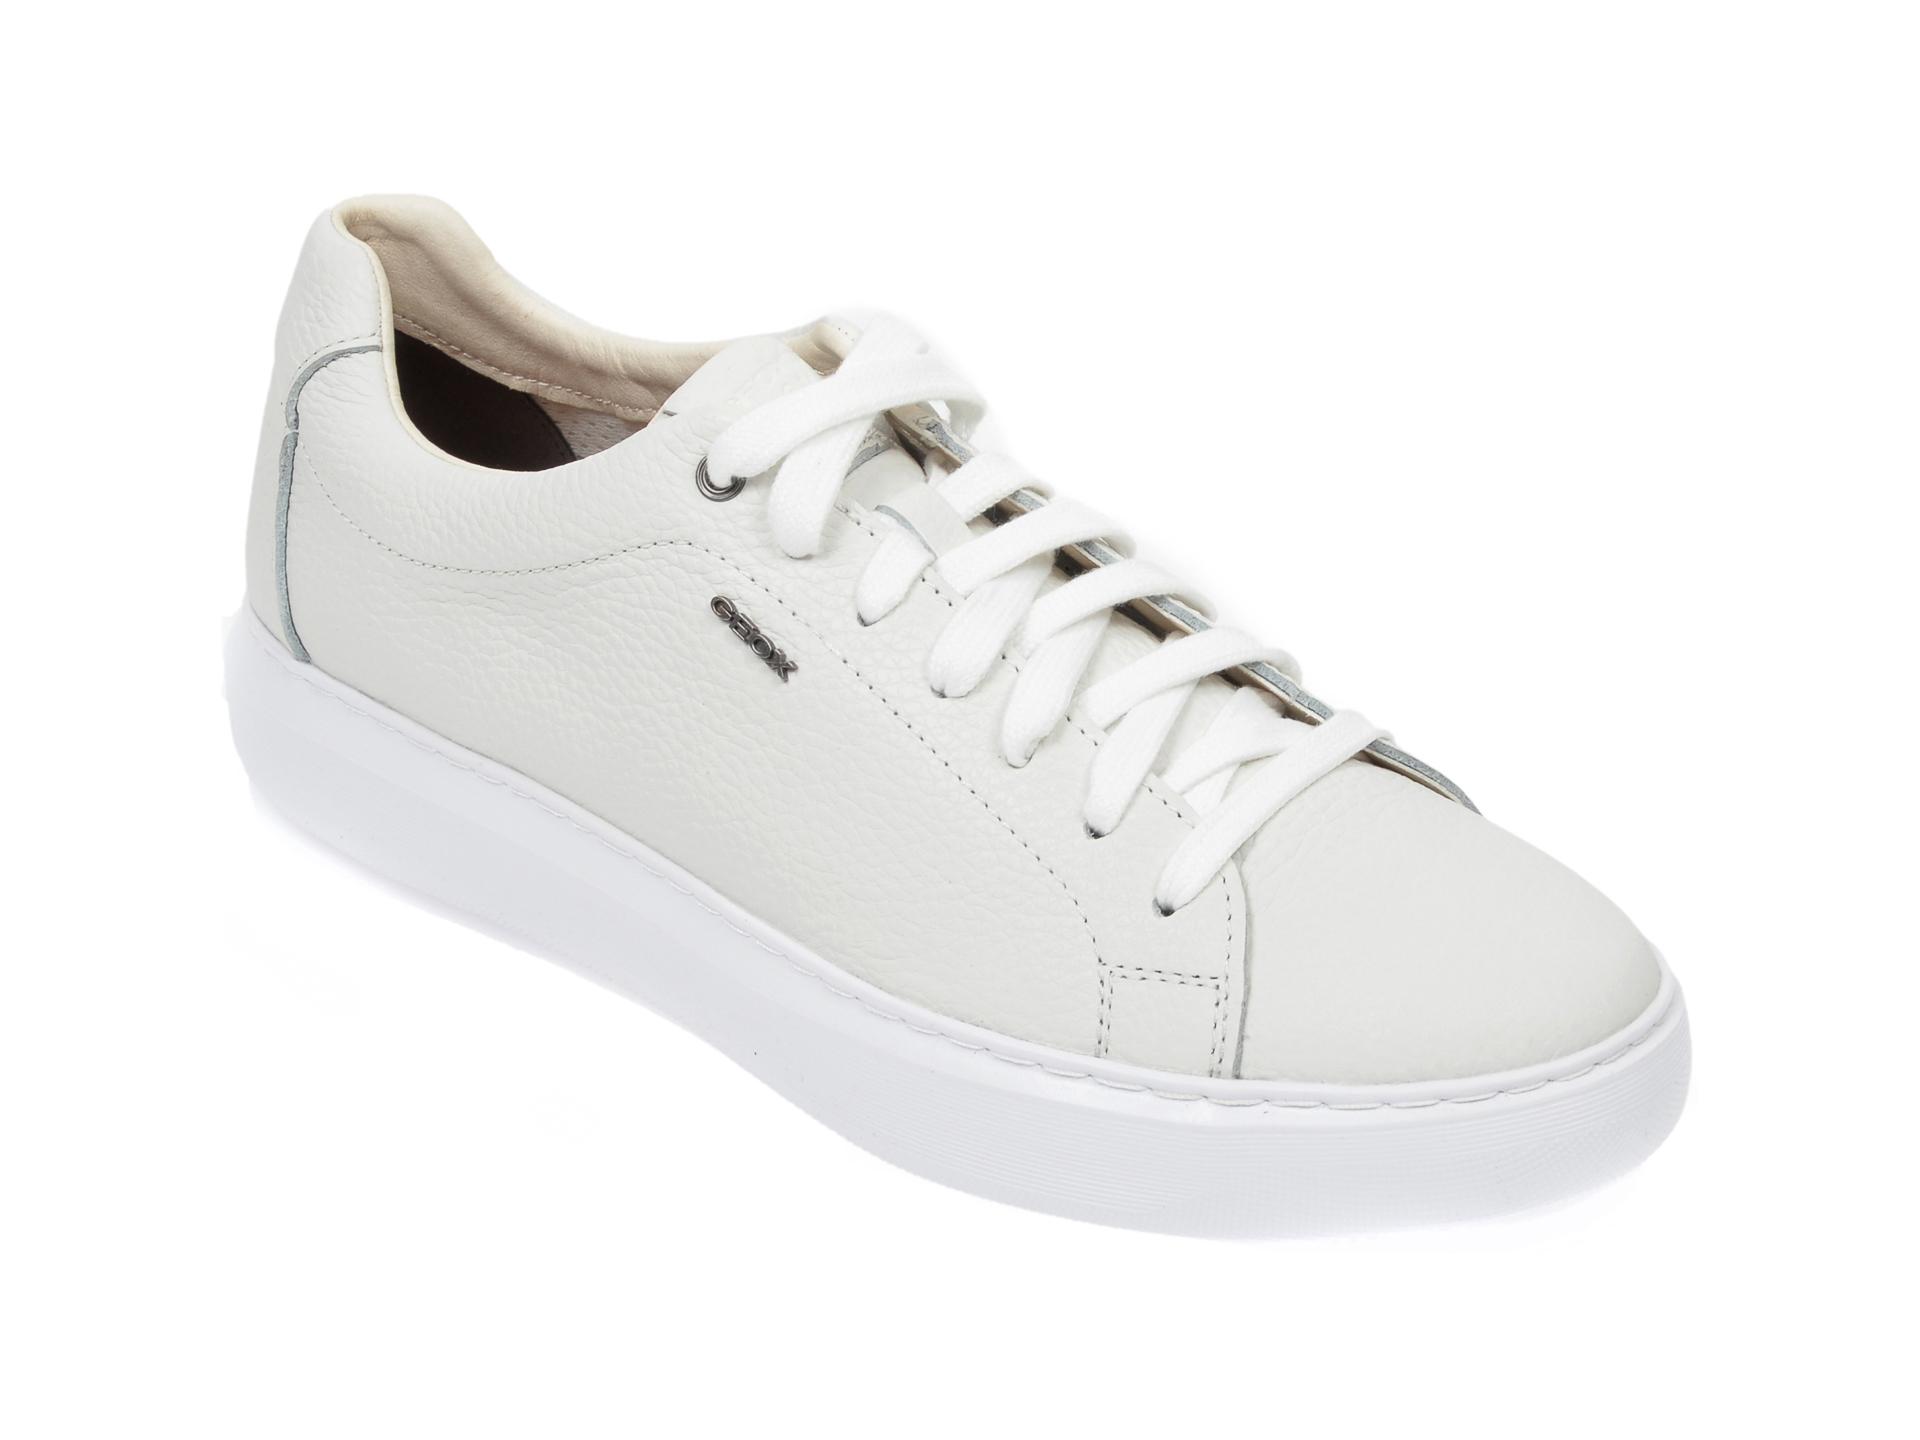 Pantofi sport GEOX albi, U845WB, din piele naturala imagine